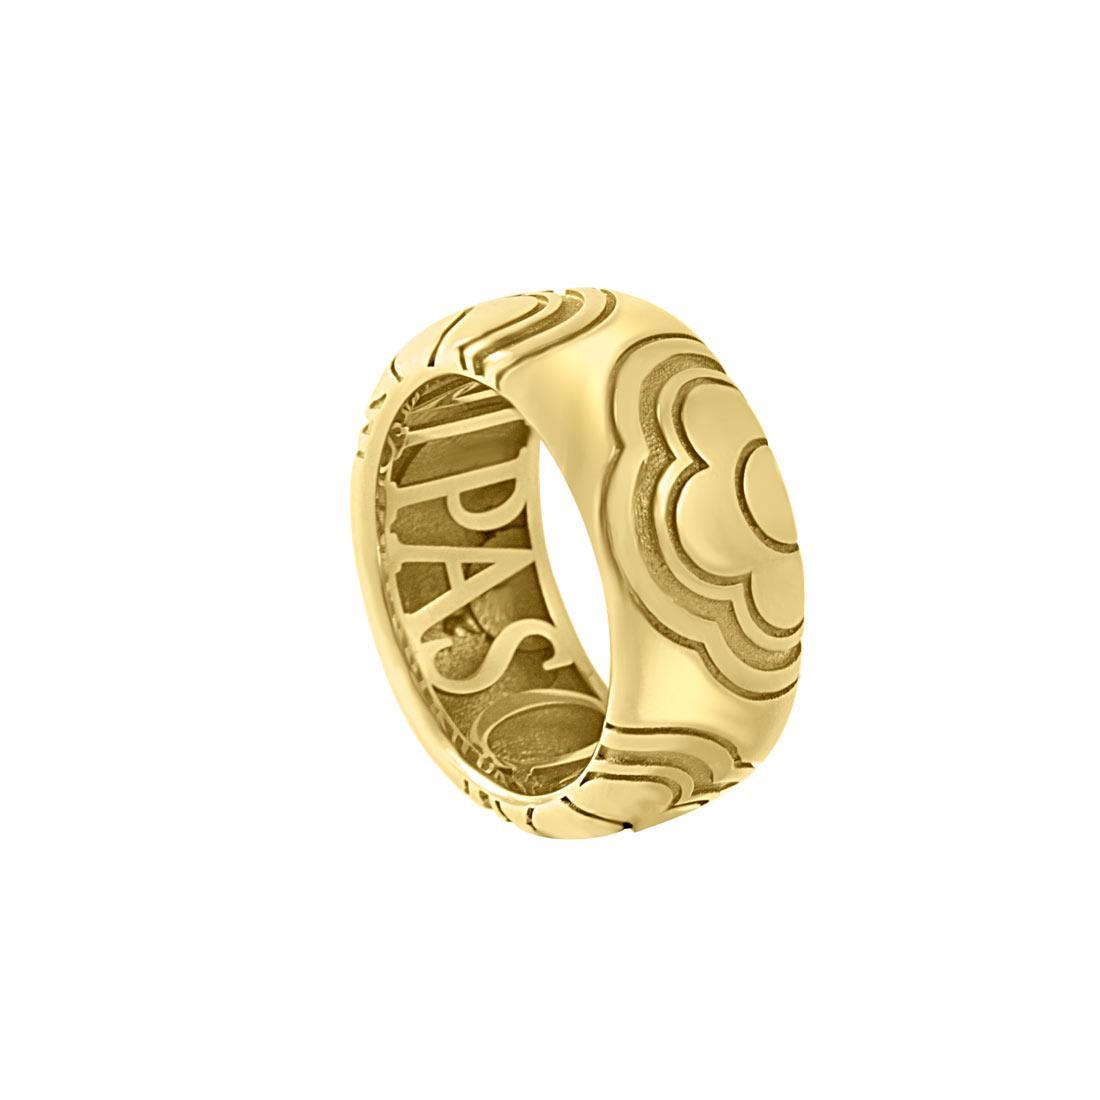 Anello in oro giallo, misura 14 - PASQUALE BRUNI